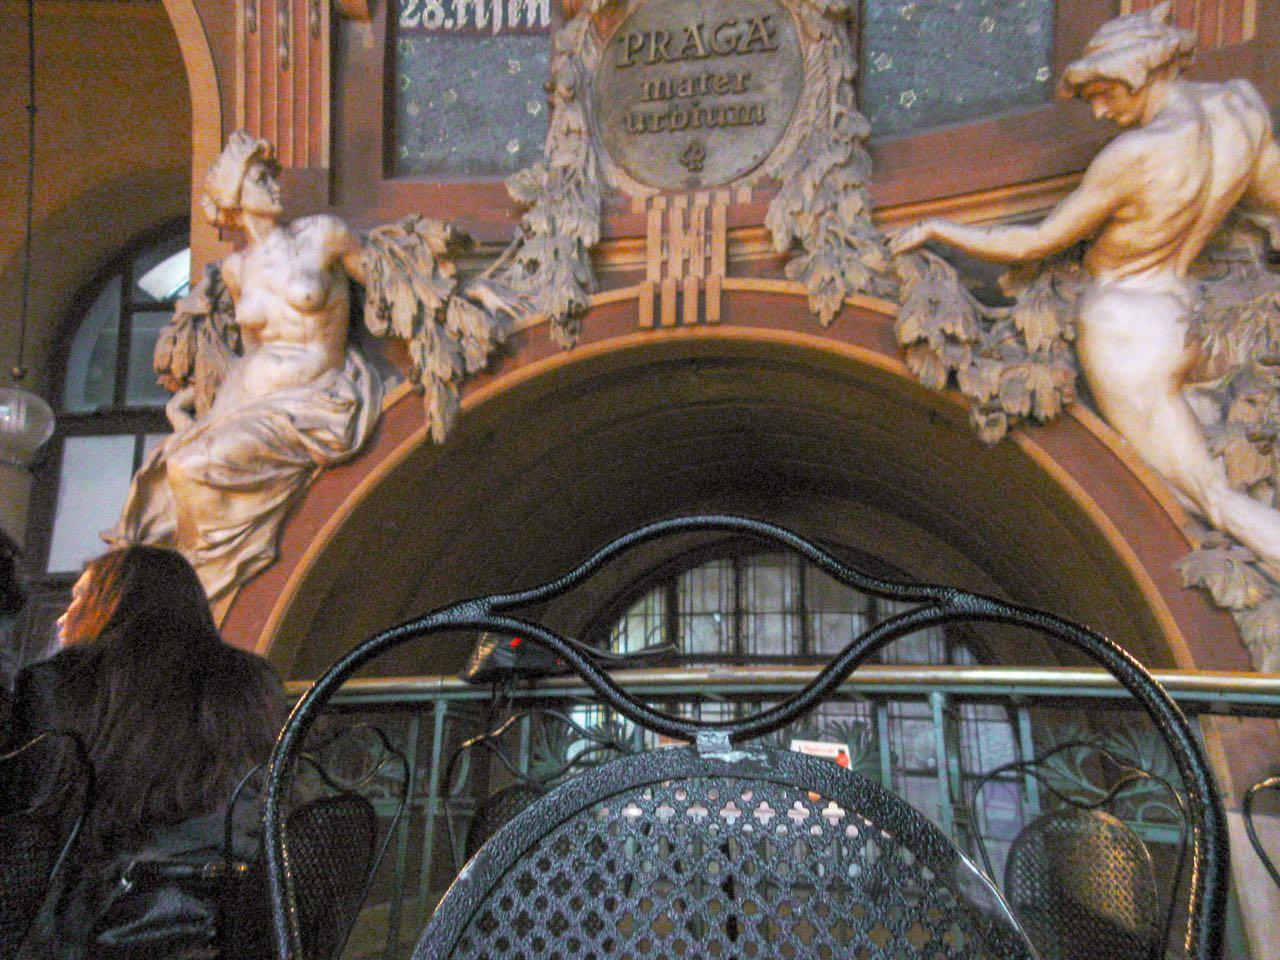 Fantova kavárna | Praag | Tsjechië | november 2010